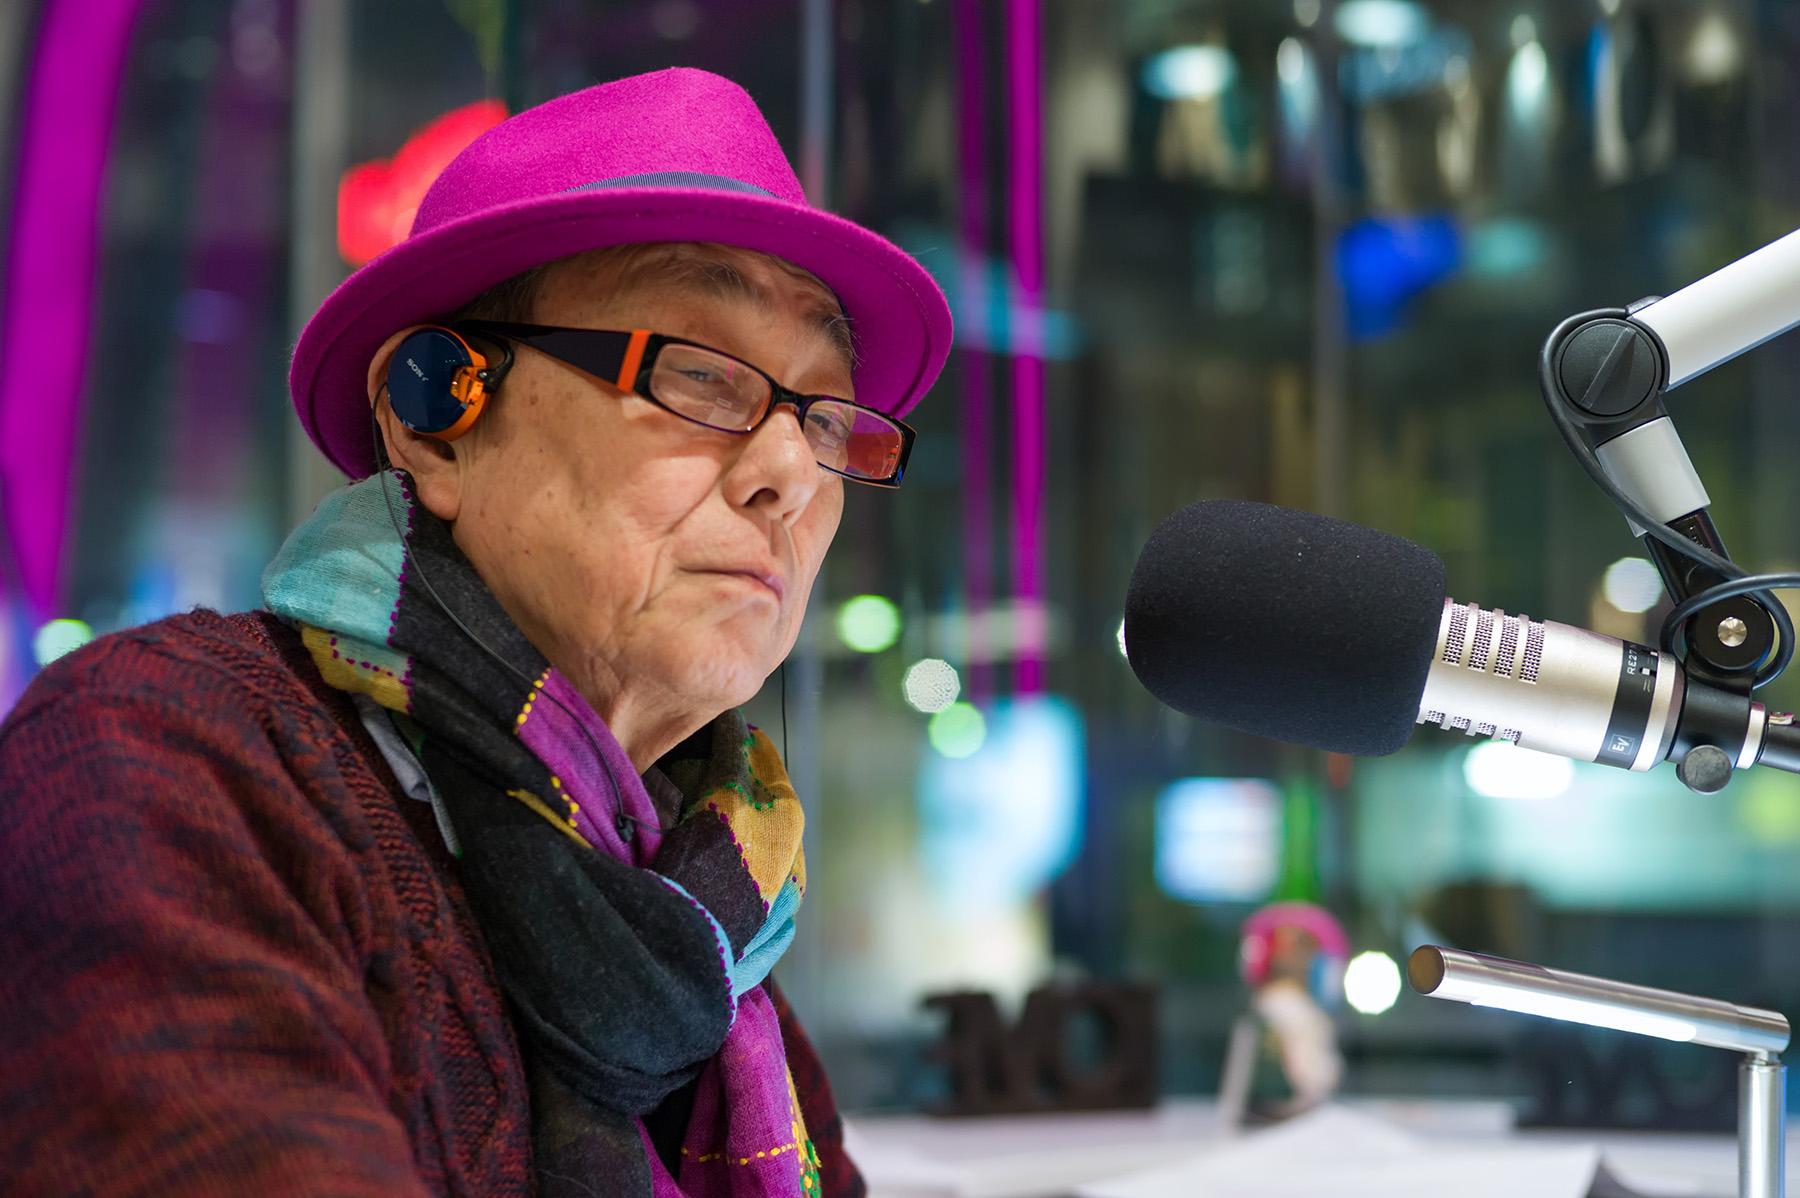 謹賀新年〜世界最高齢現役DJ・松井伸一氏〜_c0028861_12272115.jpg